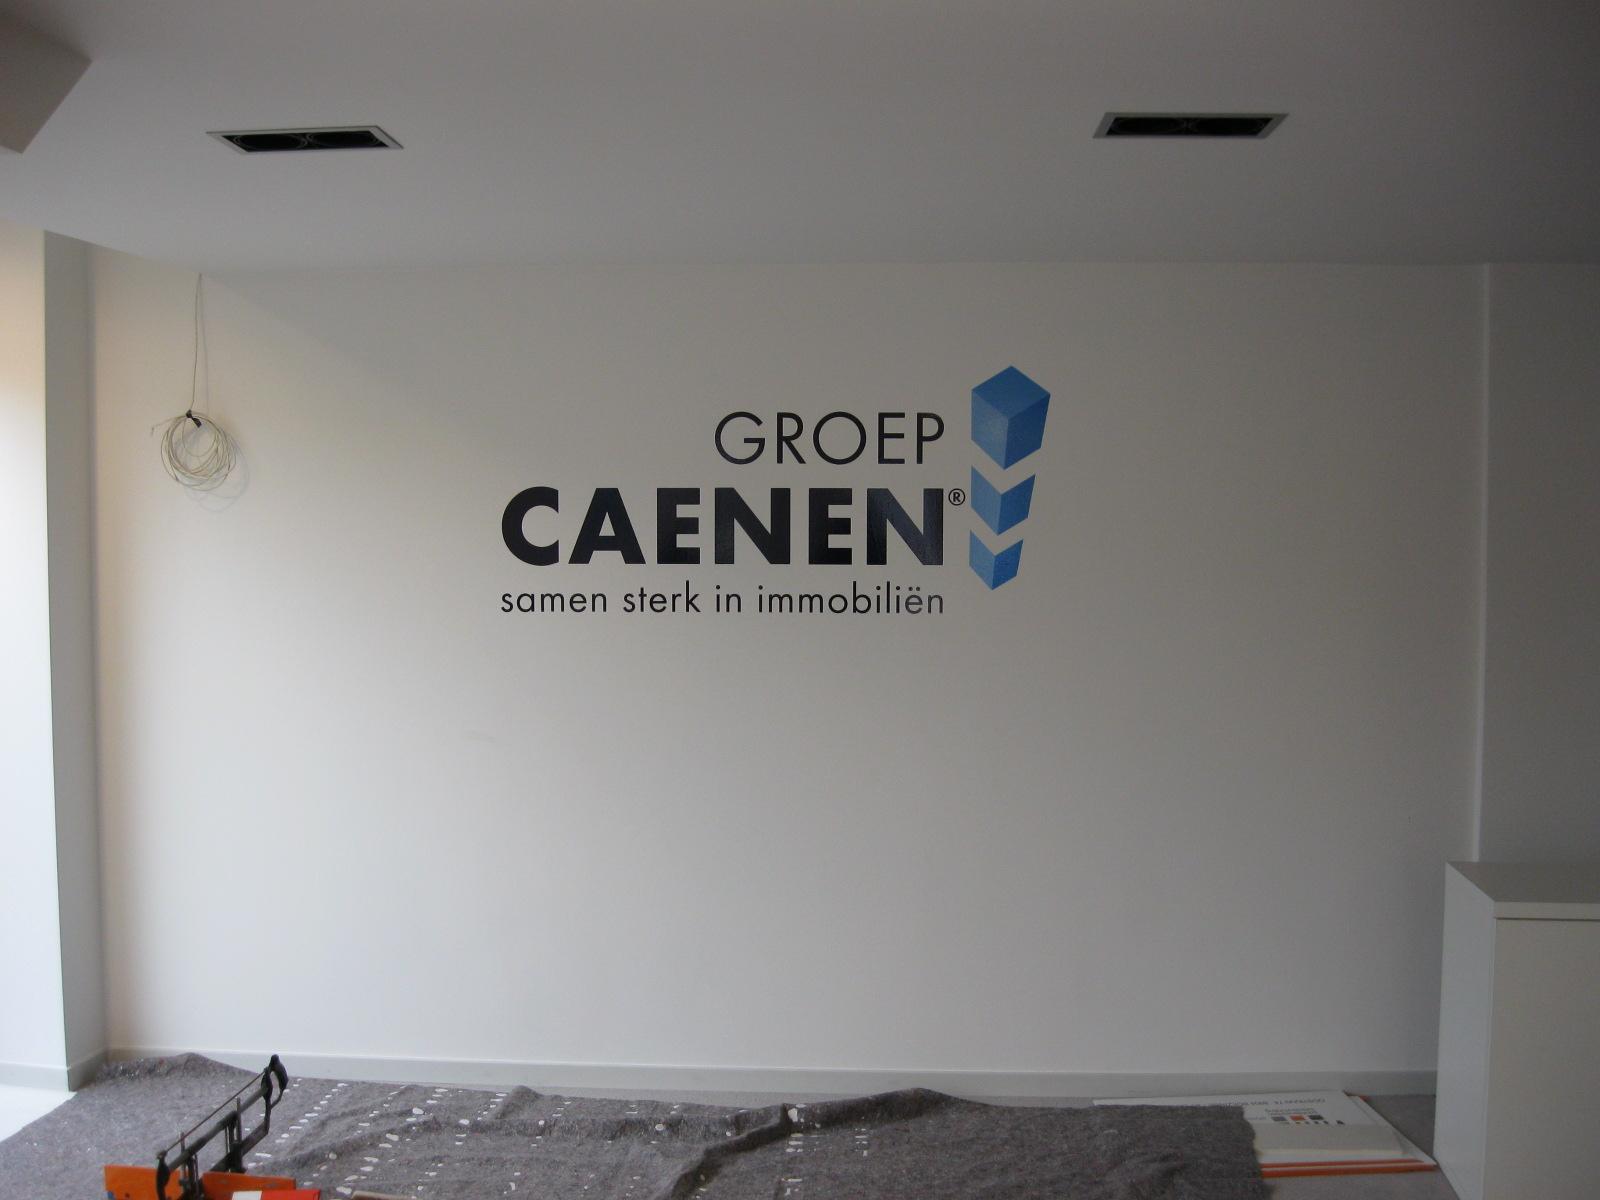 Groep Caenen Immo